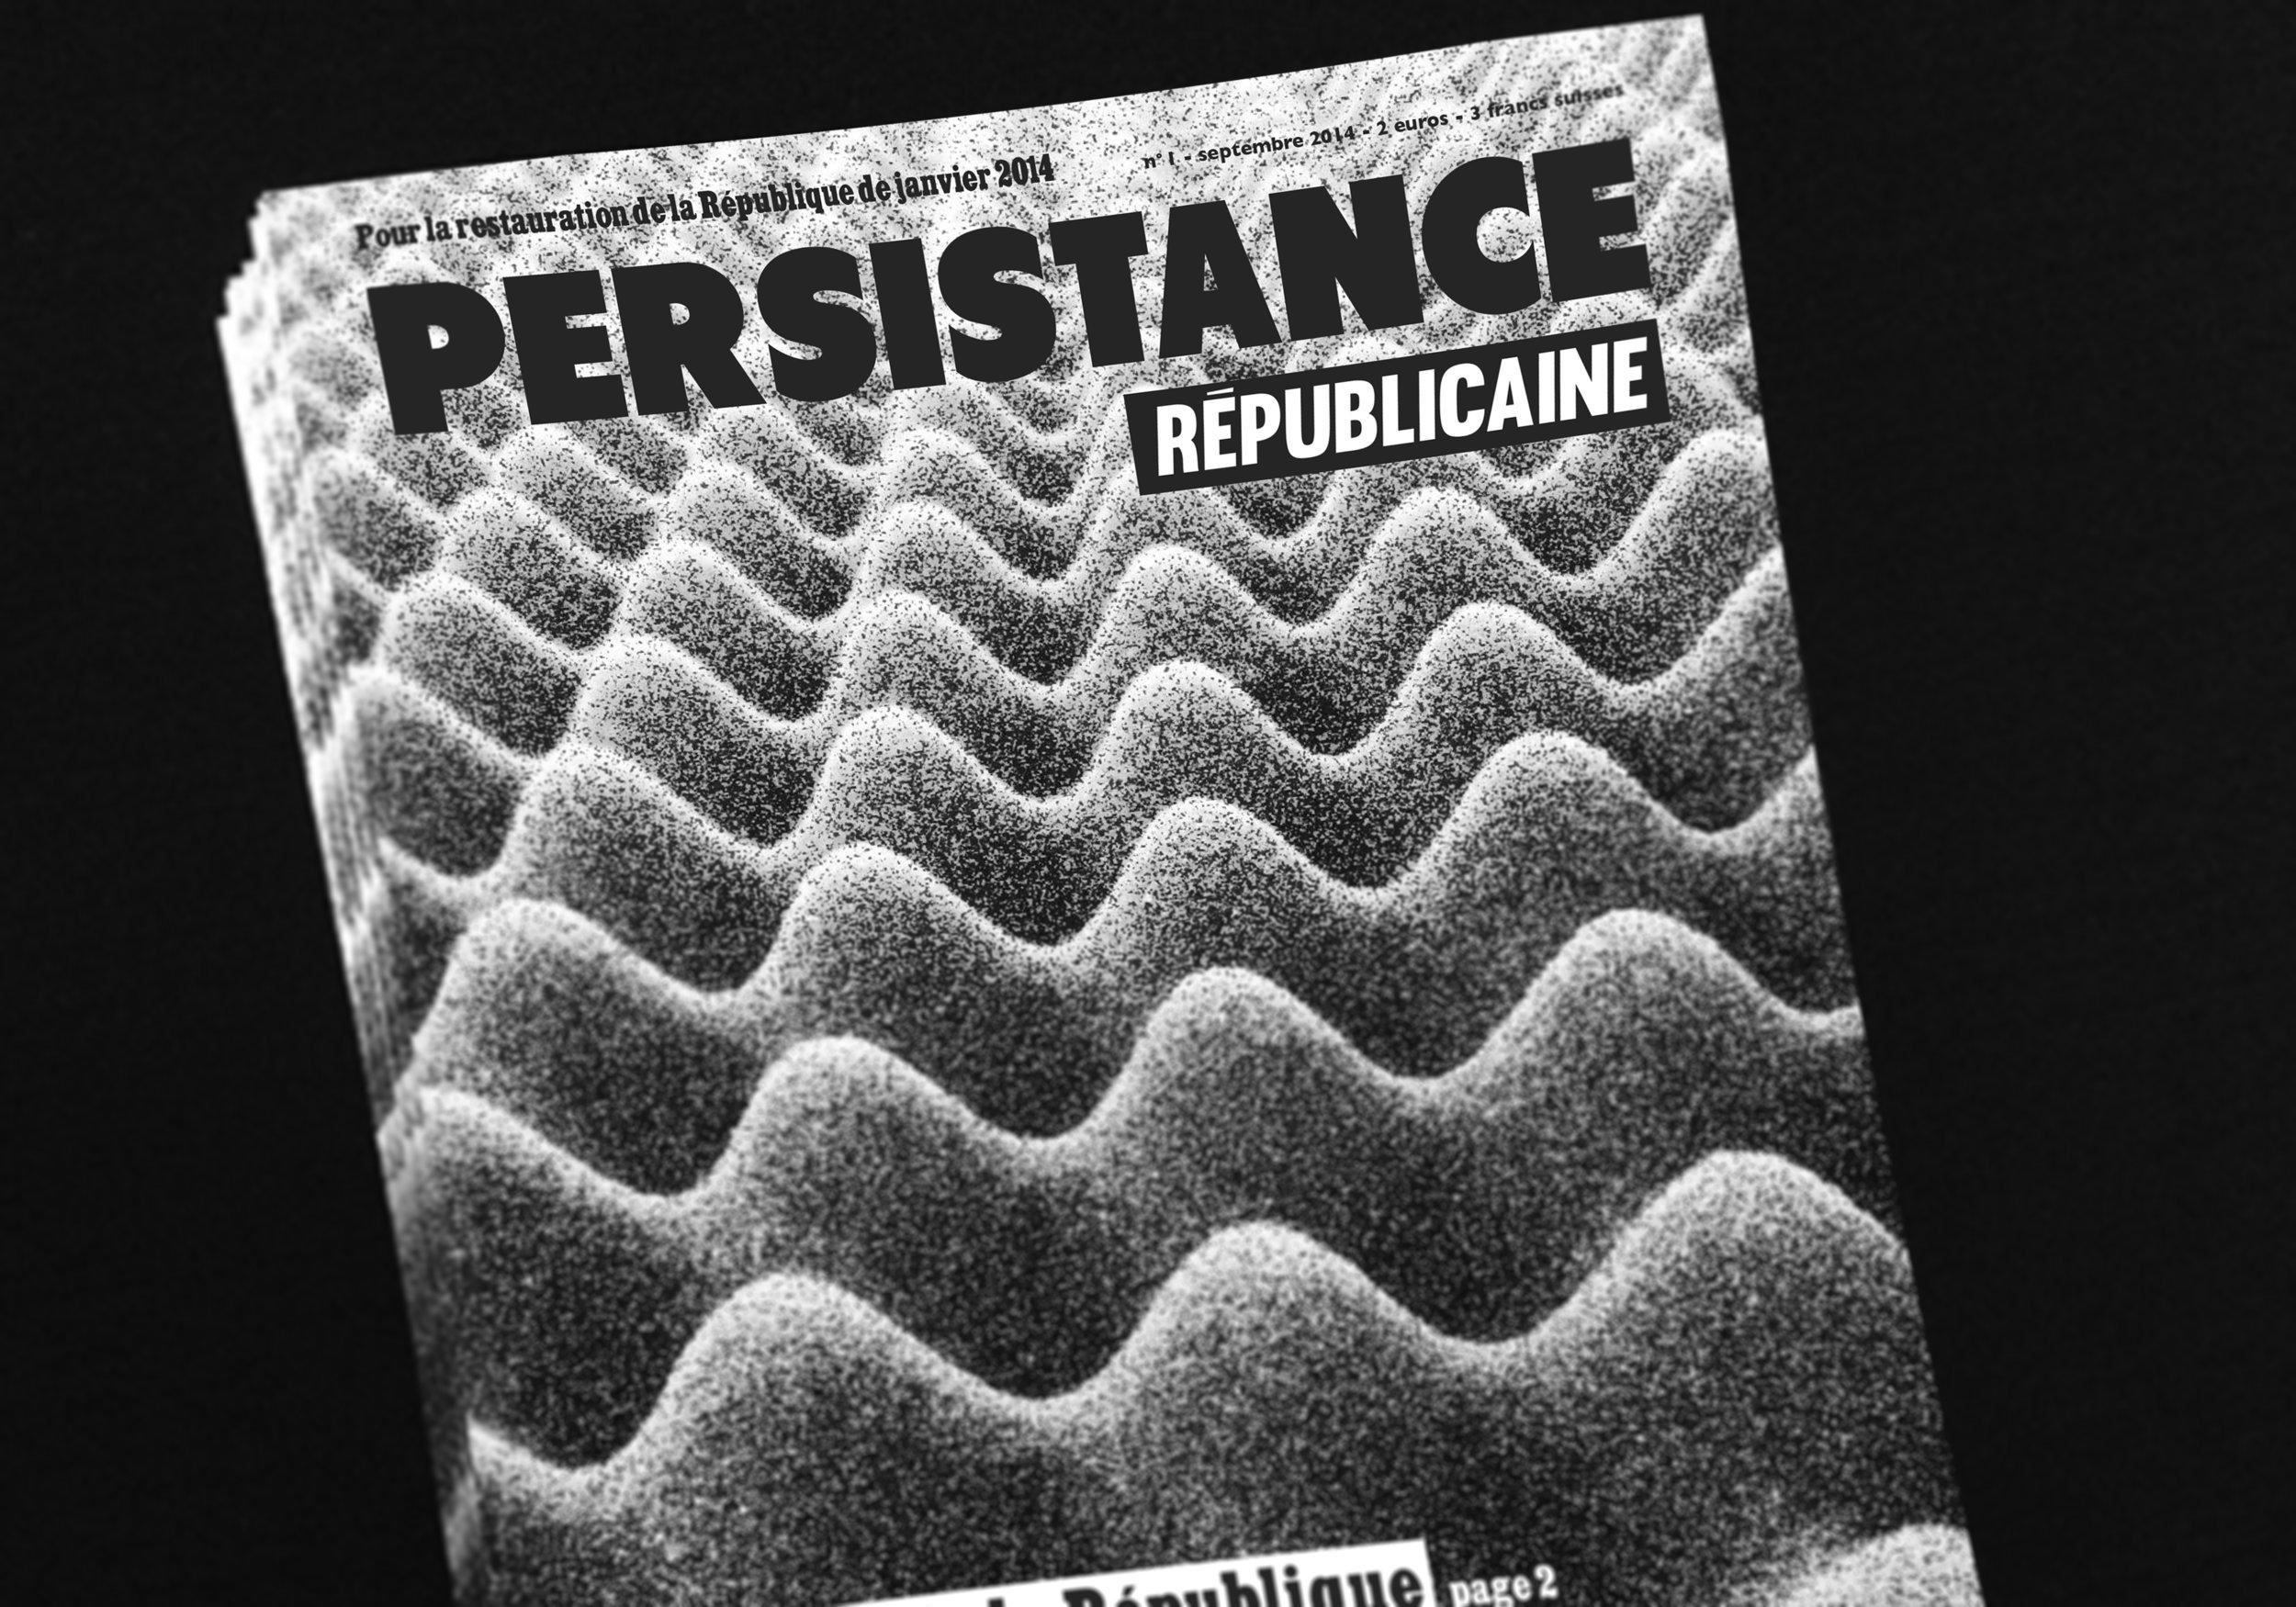 Persistance républicaine